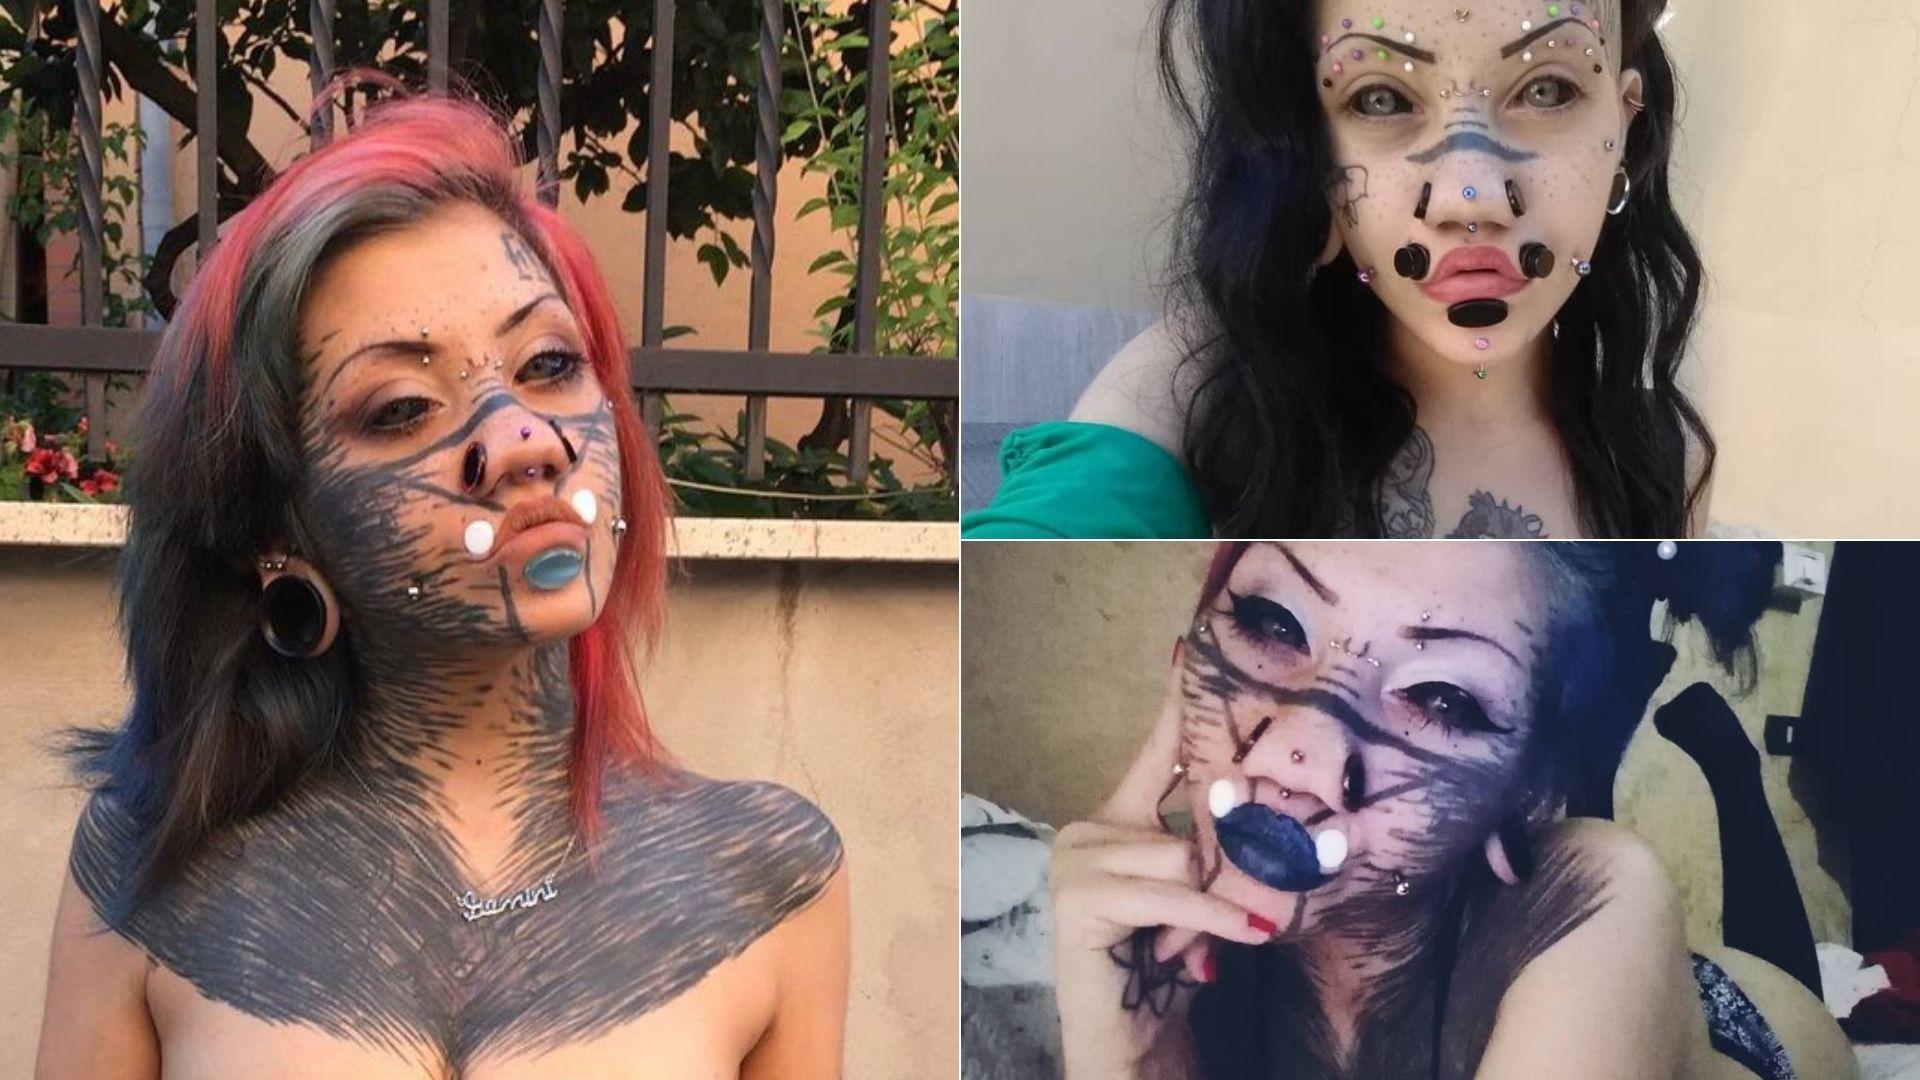 E criticată pentru felul în care și-a transformat chipul, dar corpul ei provoacă admirație. Cum arată Aydin Mod de la gât în jos